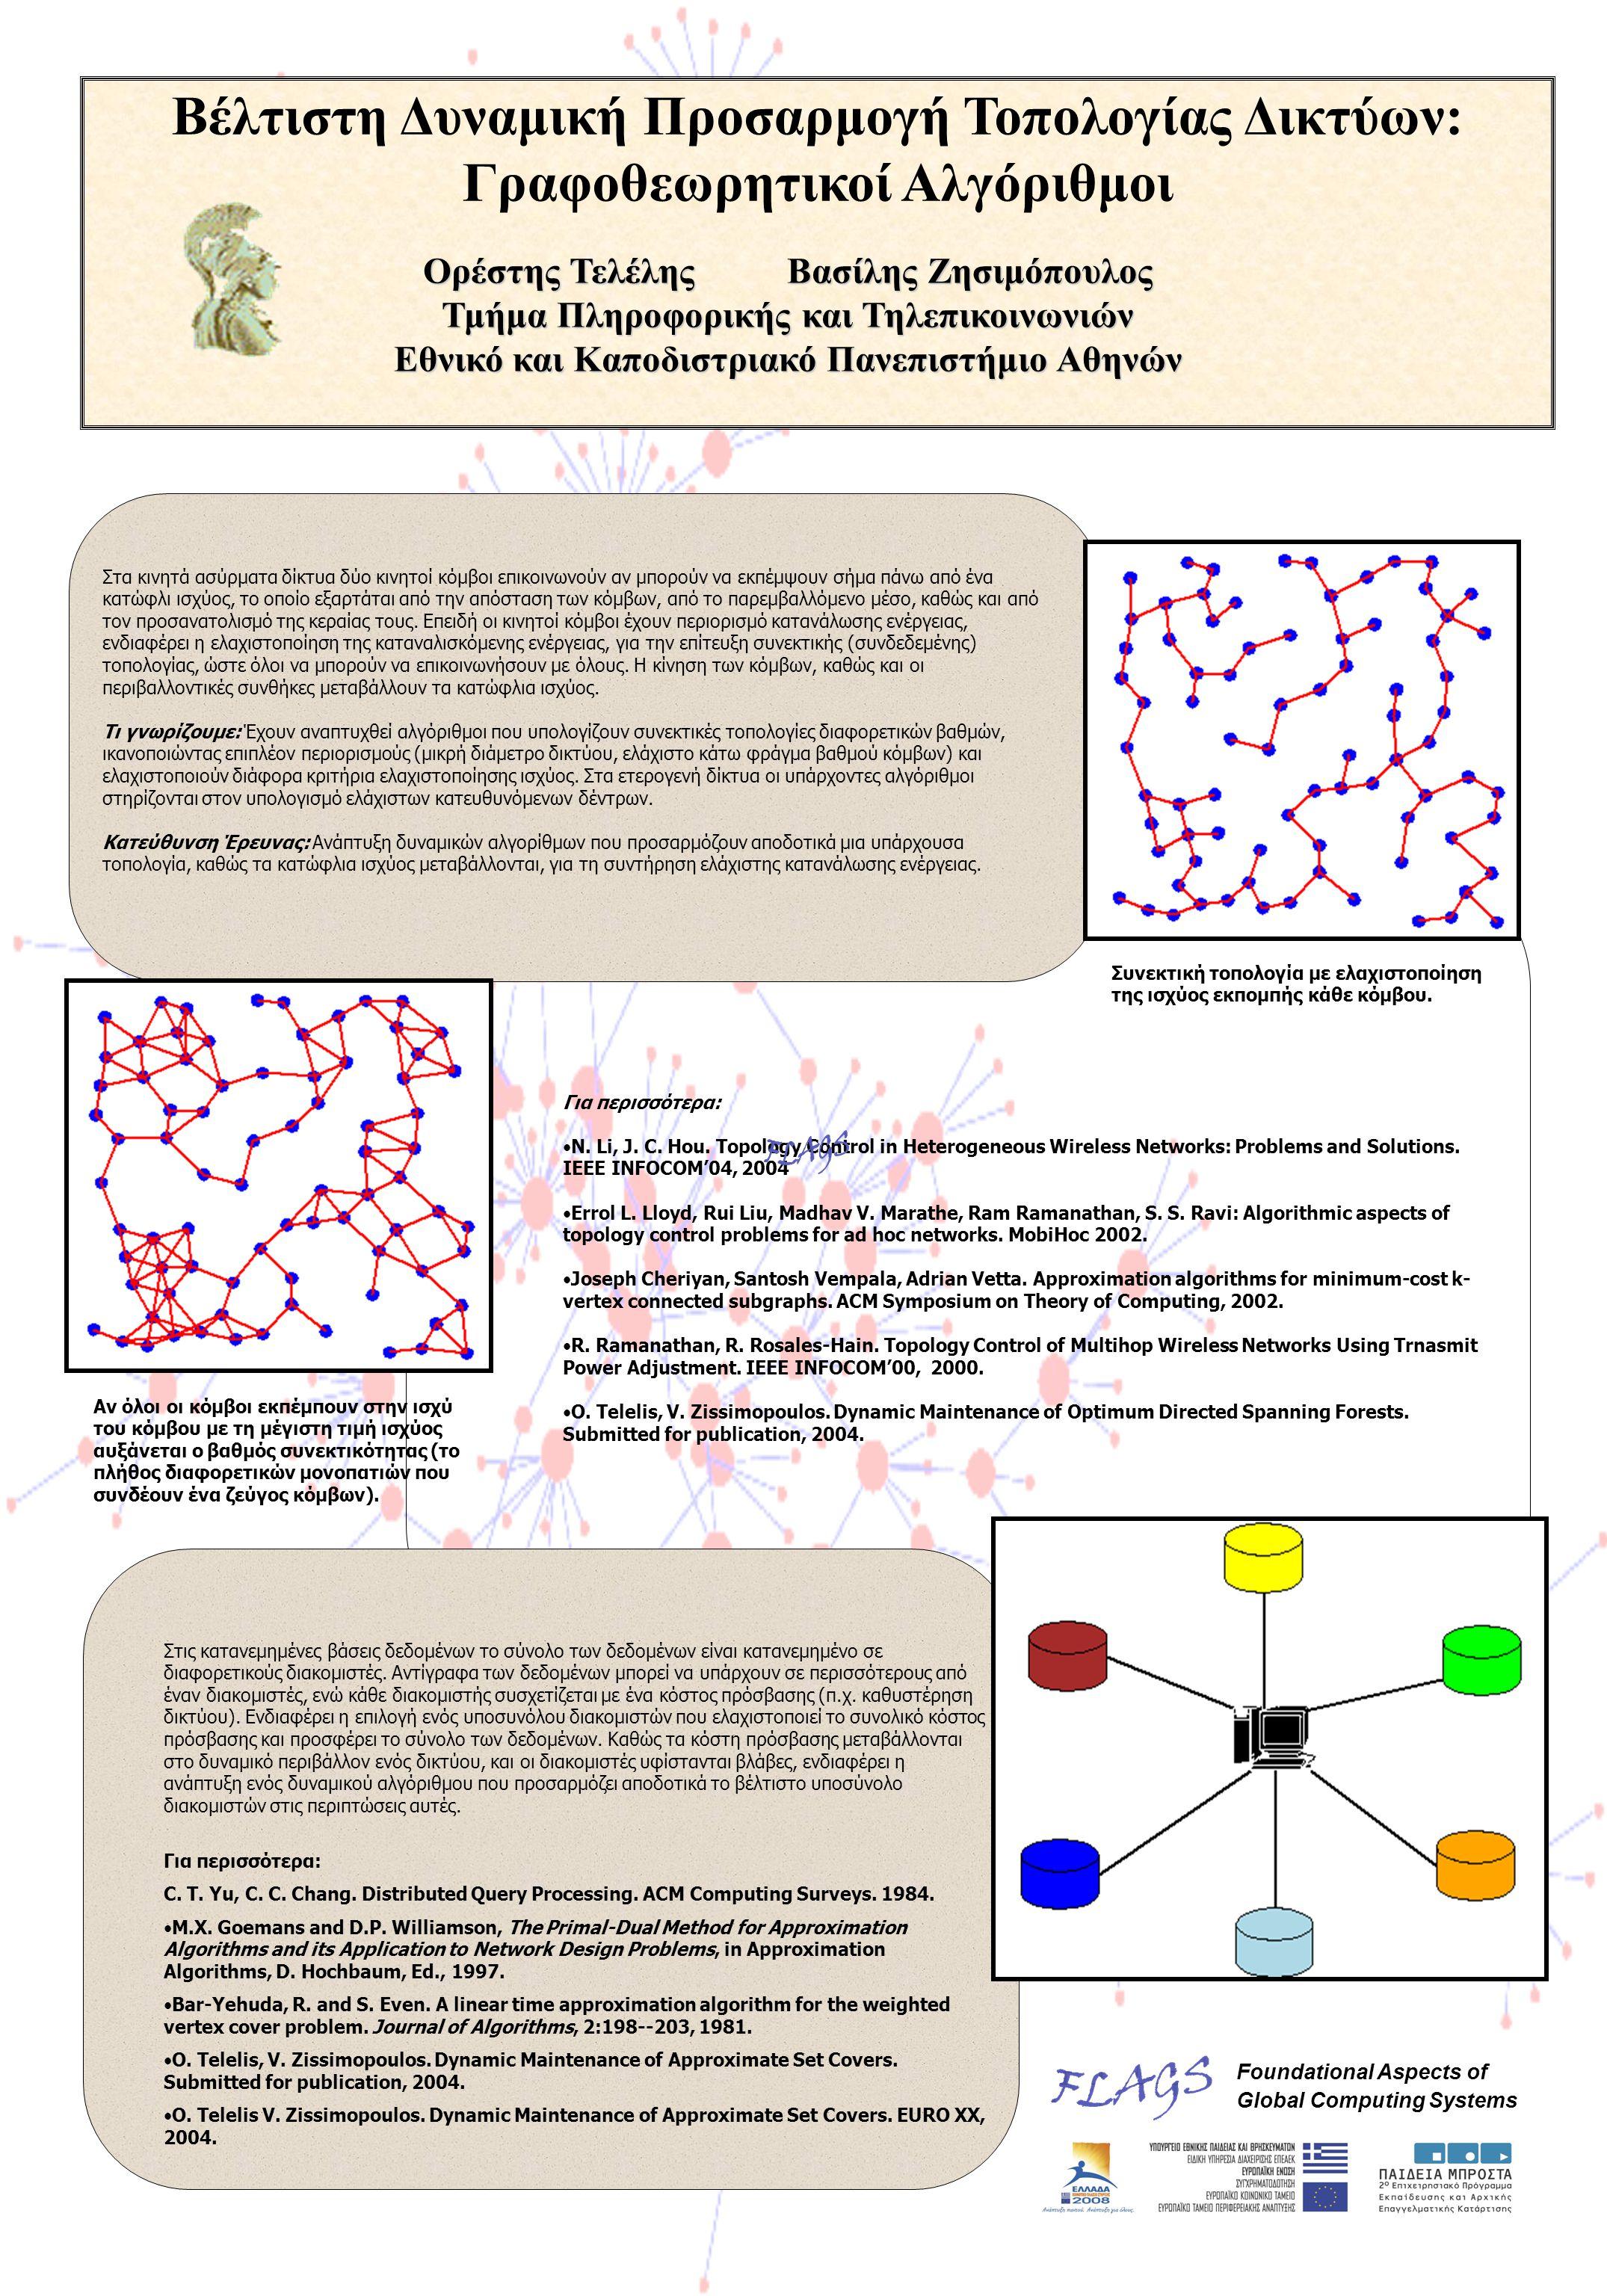 Βέλτιστη Δυναμική Προσαρμογή Τοπολογίας Δικτύων: Γραφοθεωρητικοί Αλγόριθμοι Για περισσότερα: N.